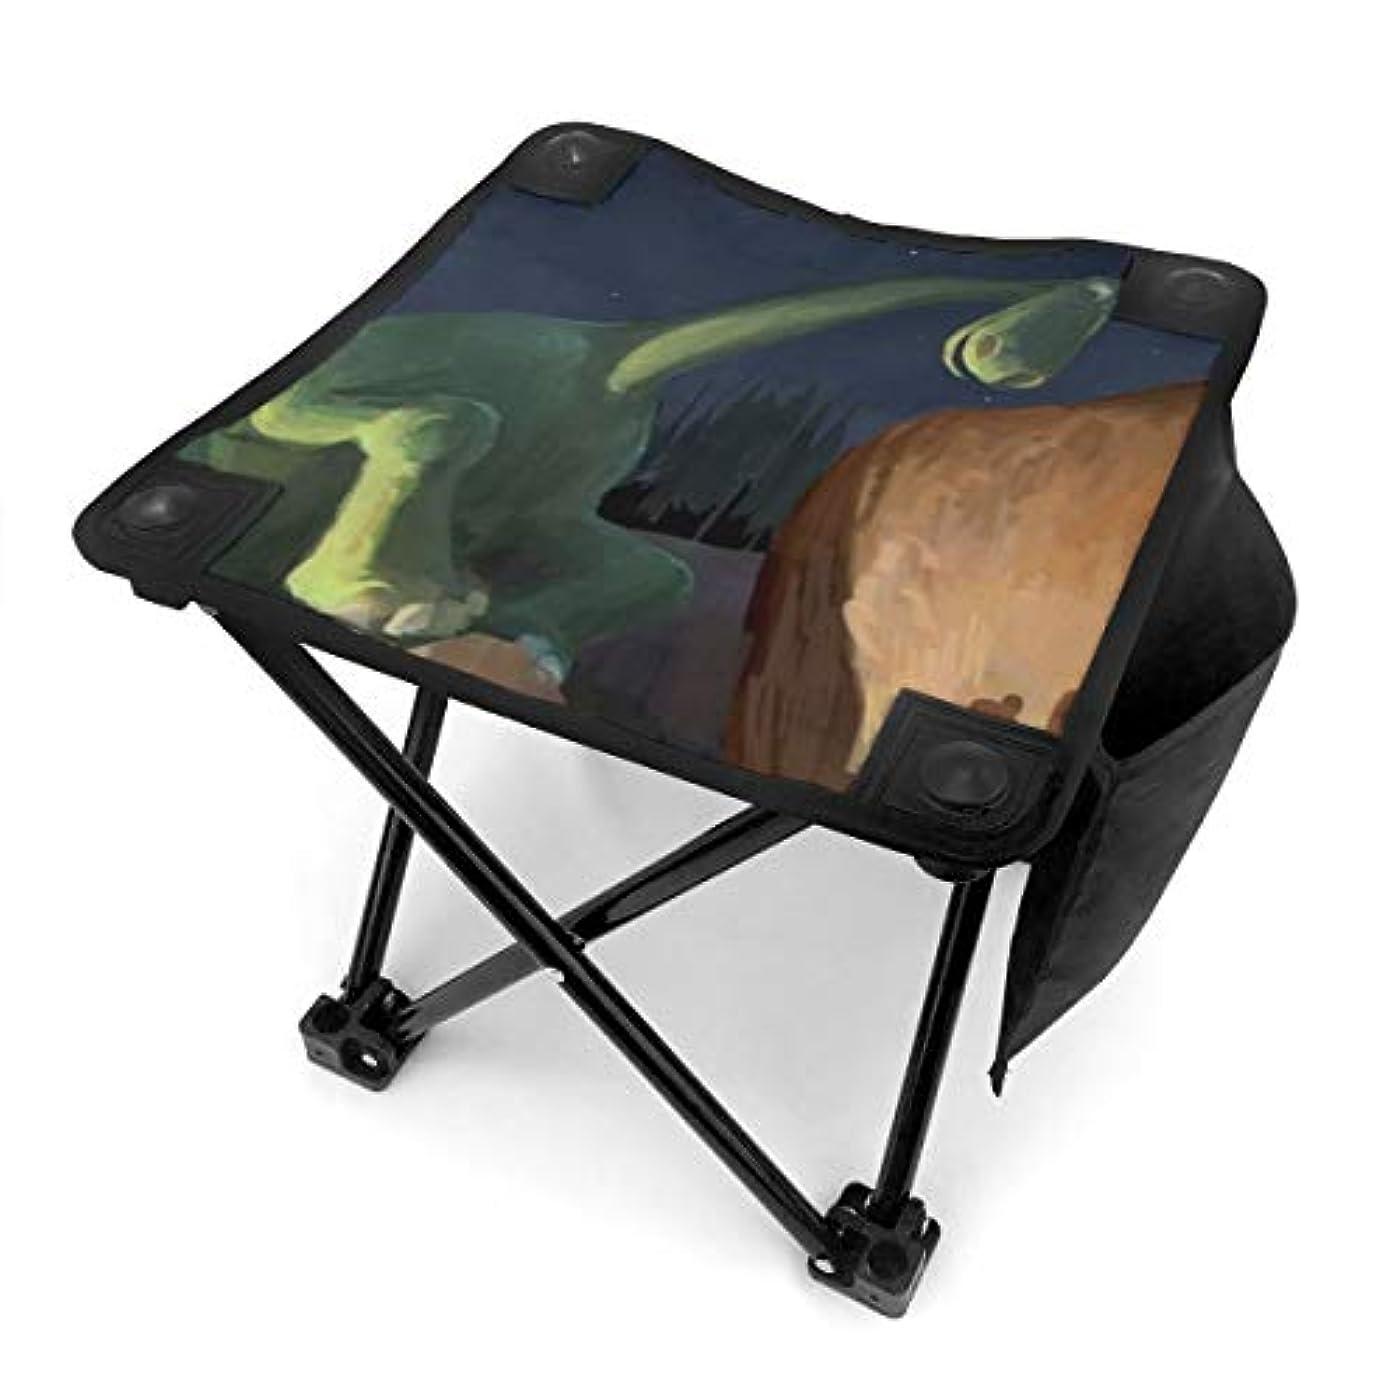 セイはさておきラフトファッションキャンプ用折りたたみスツール 折りたたみ椅子 キャンプチェア アウトドアチェア スツール レジャーチェア 折りたたみ椅子 恐竜 子供 ポータブル 便利で軽い コンパクト 収納袋 キャンプ 釣り 安定した